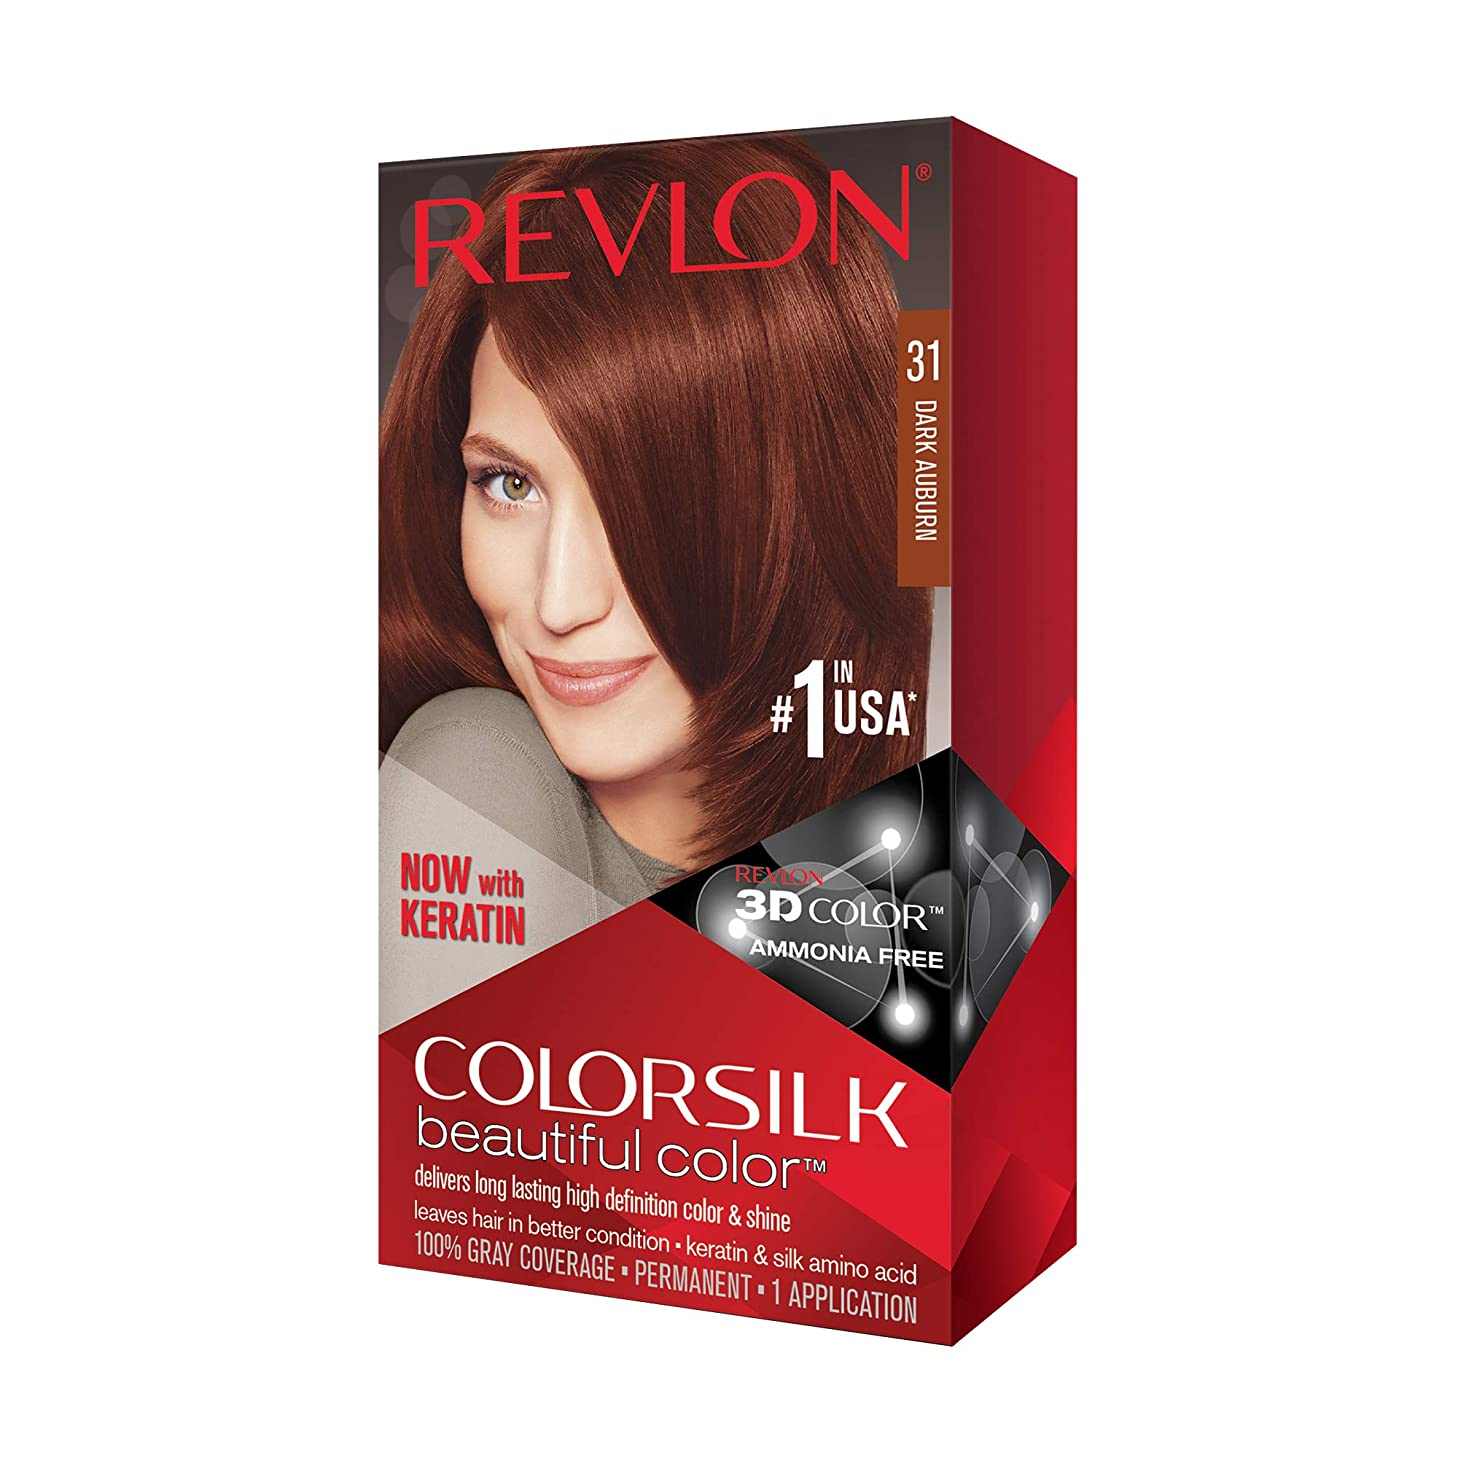 Revlon ColorSilk Hair Color, [31] Dark Auburn 1 ea